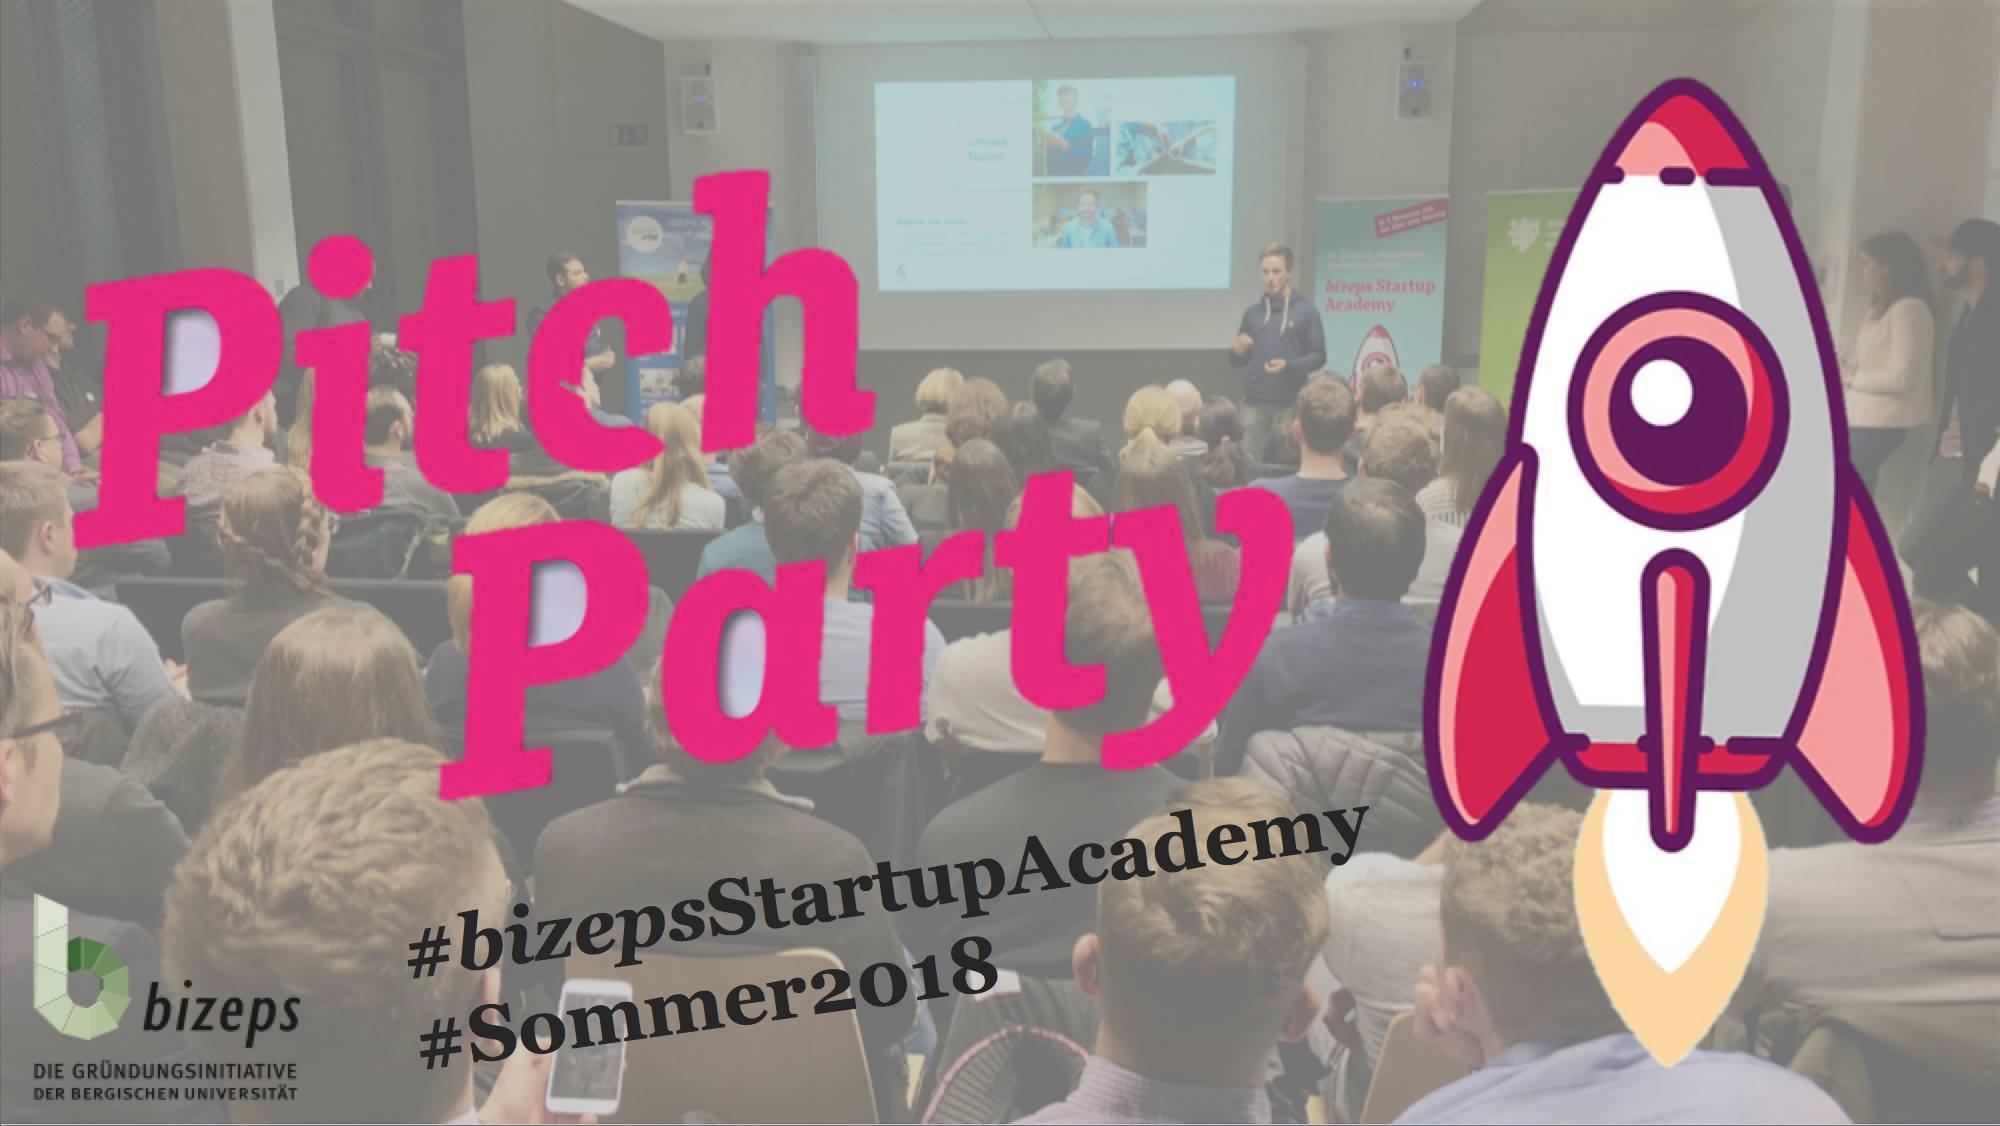 Ankündigung: Talention bei der Pitch Party 2018 der Bergischen Universität Wuppertal